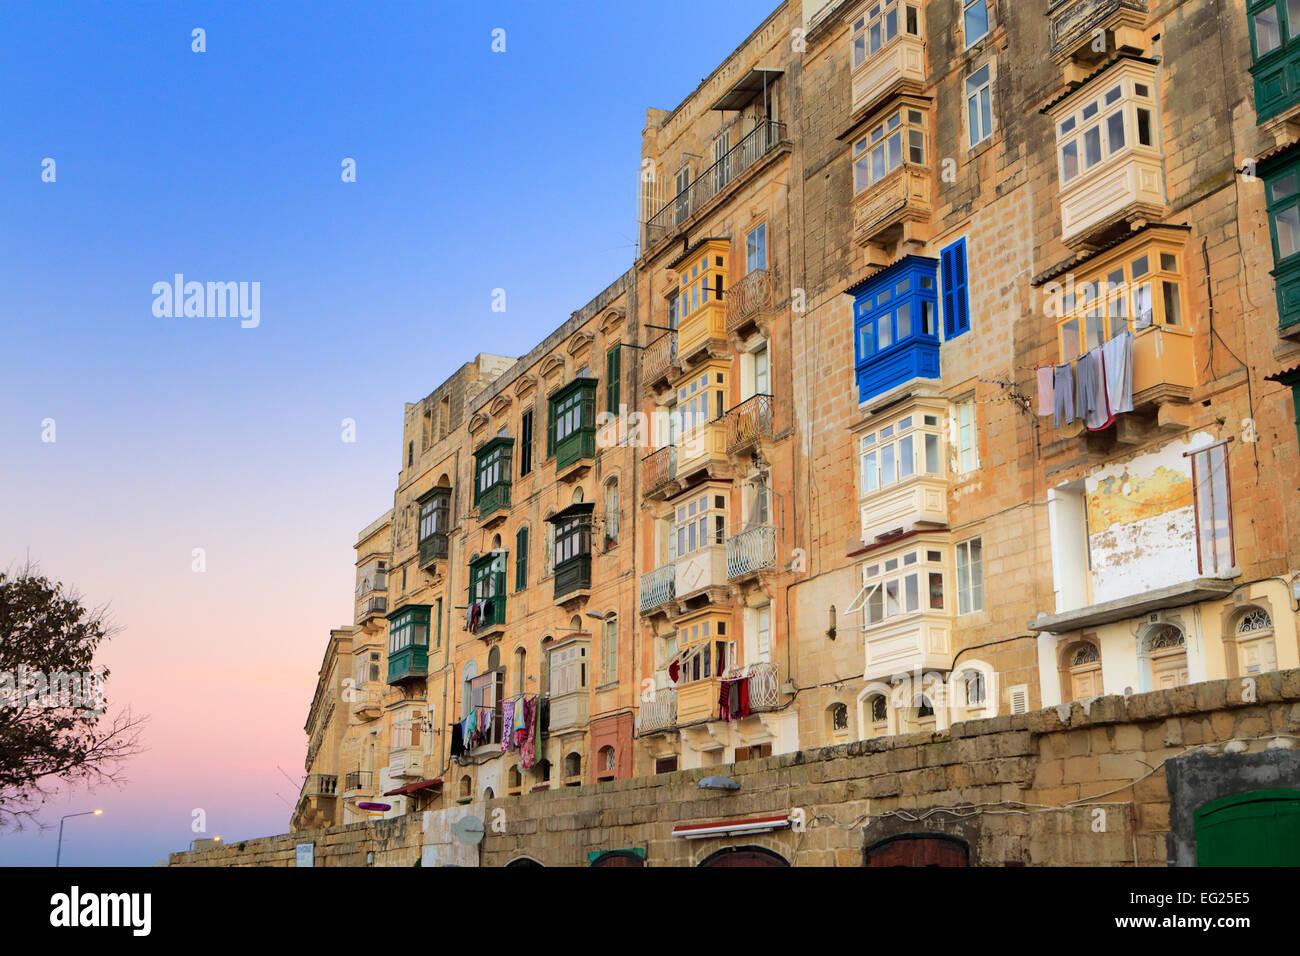 Street in old town, La Valletta, Malta - Stock Image